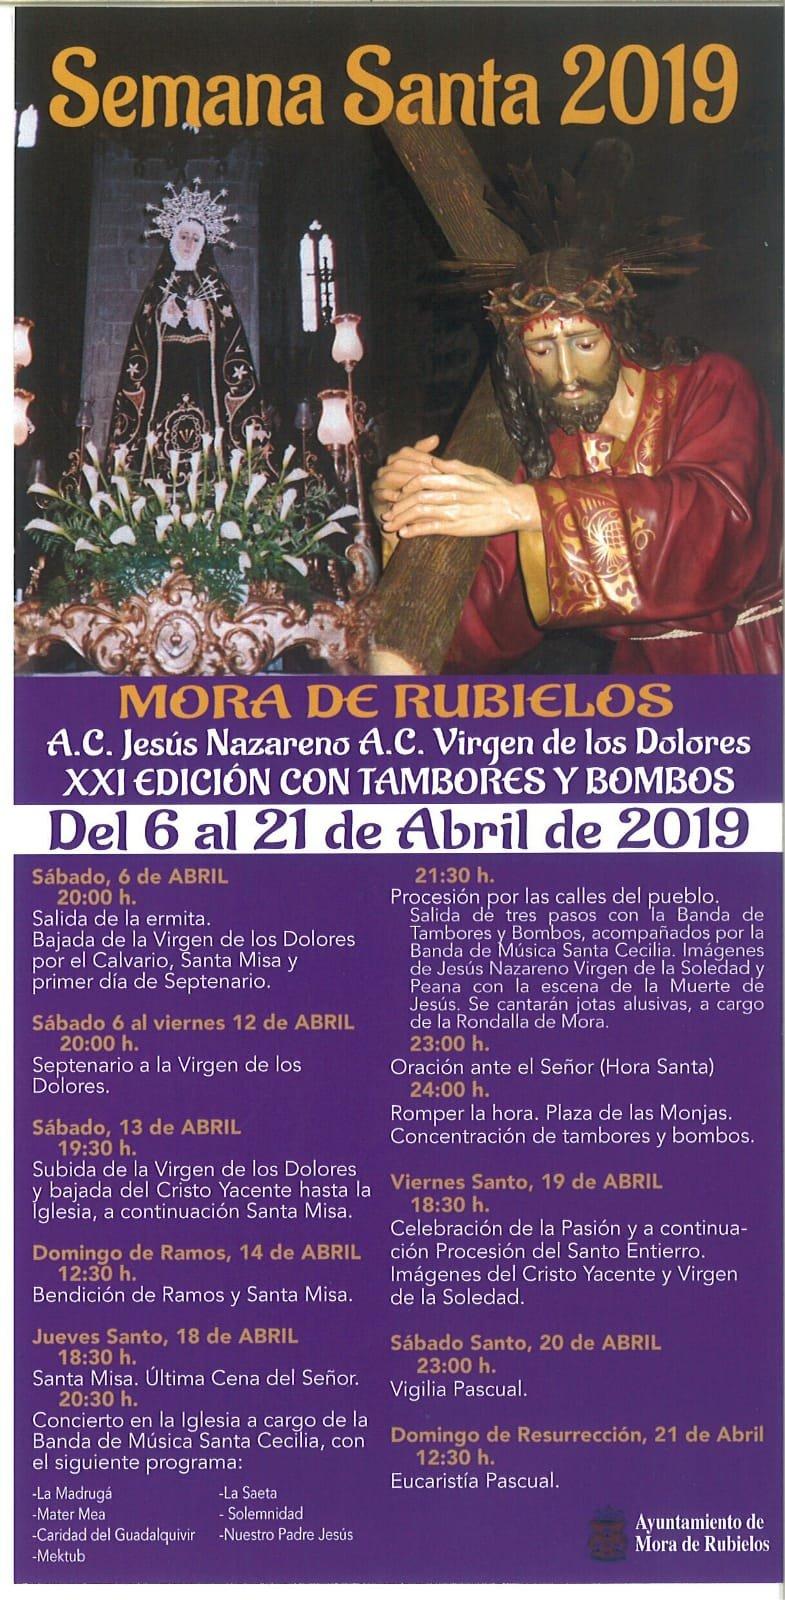 semana santa mora de rubielos 2019